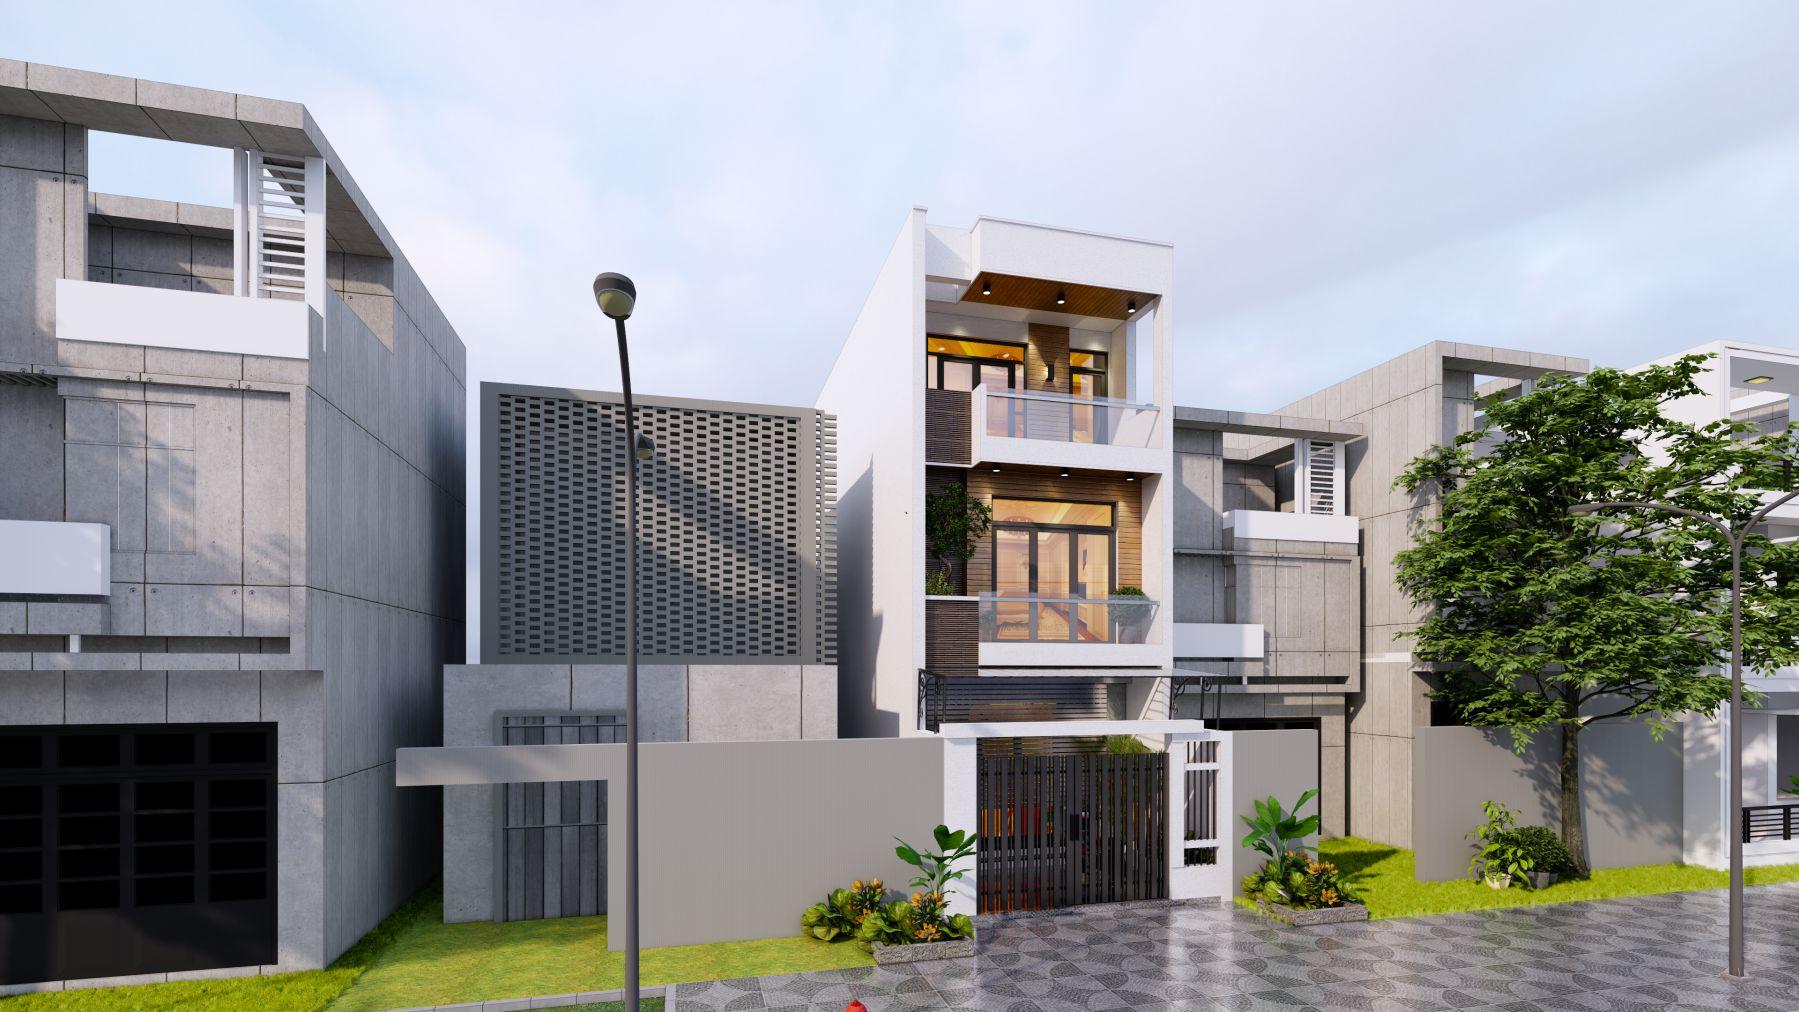 Phối cảnh thiết kế nhà ở Quảng Ninh